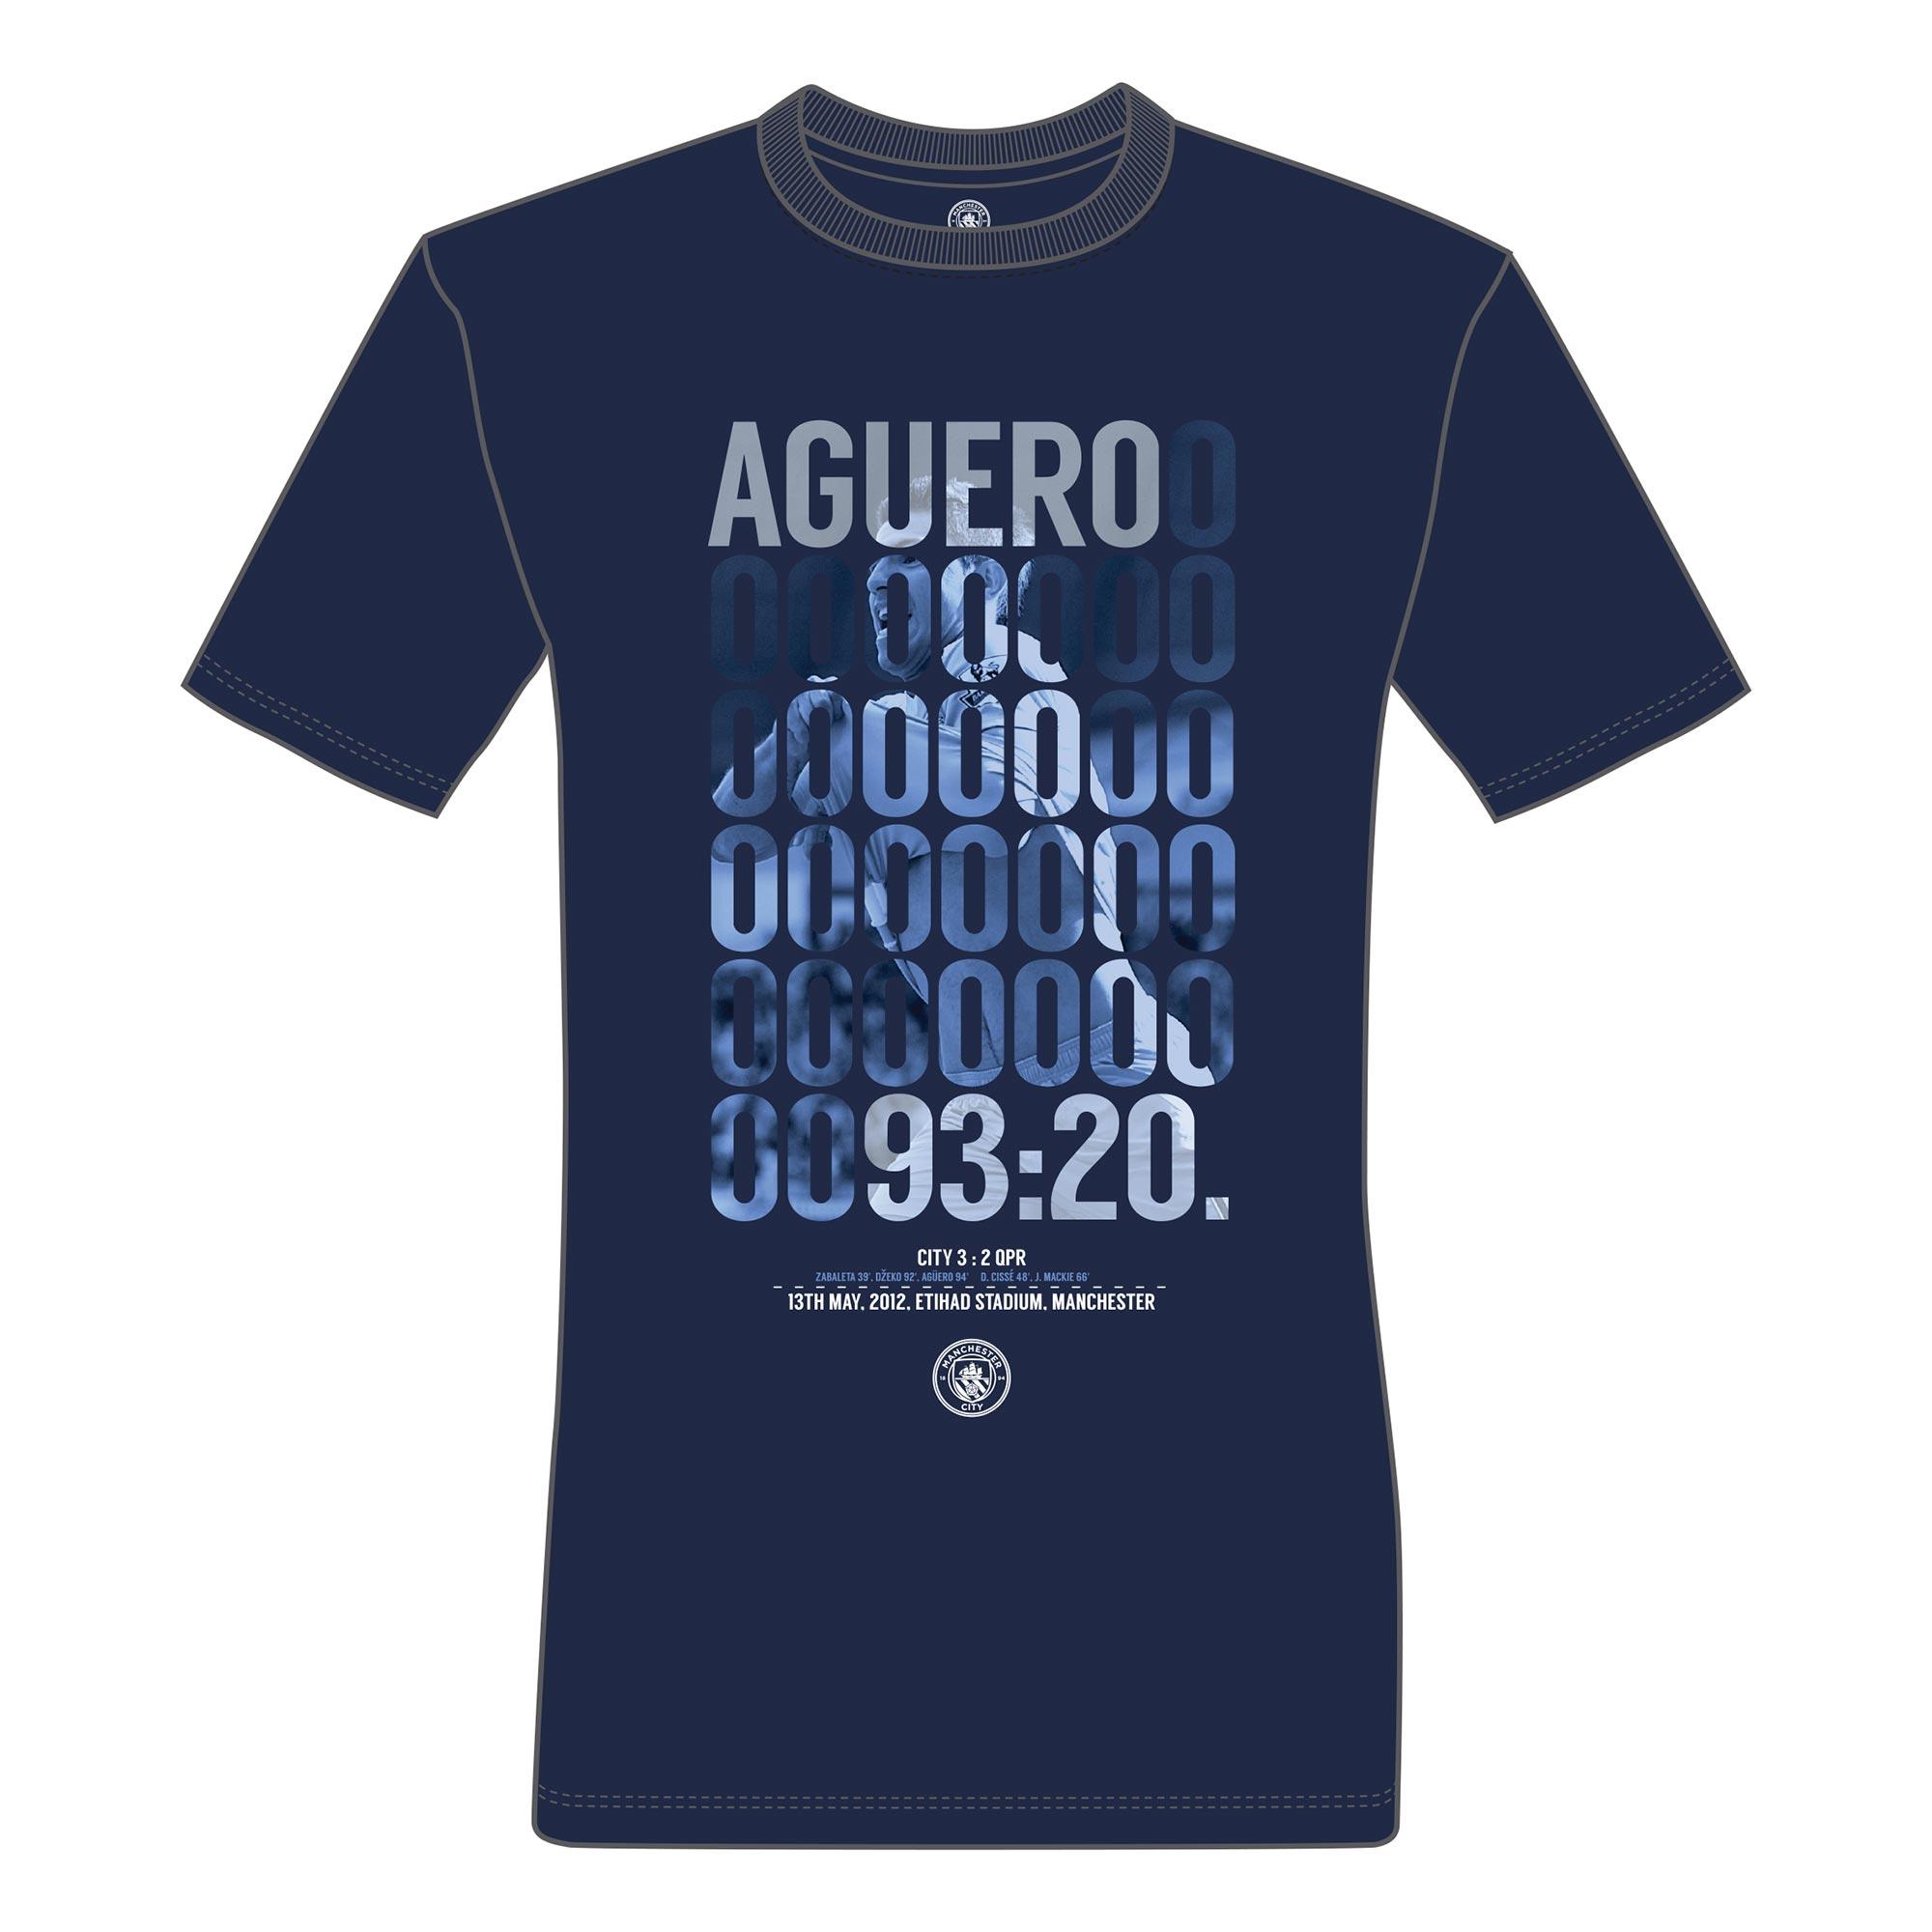 Manchester City Aguero Goal T-Shirt - Navy - Mens